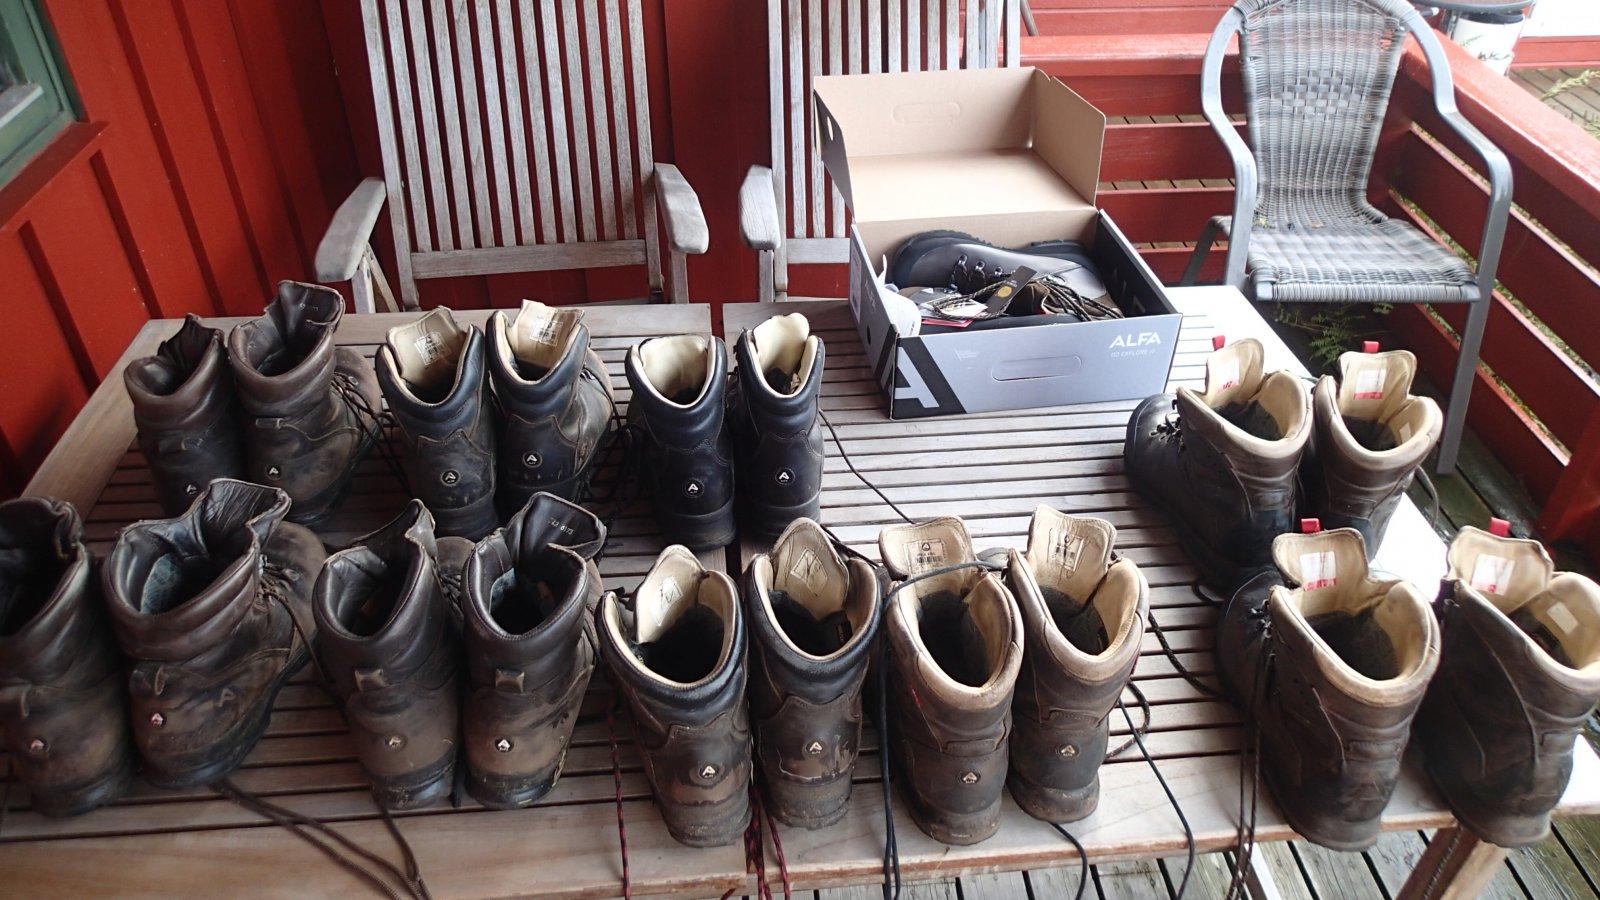 I forbindelse med et spørsmål til ALFA skofabrikk tok jeg bilder av mine  ALFA sko - eldste paret antakelig fra 2008-2009 en gang. c0d2f0459570b